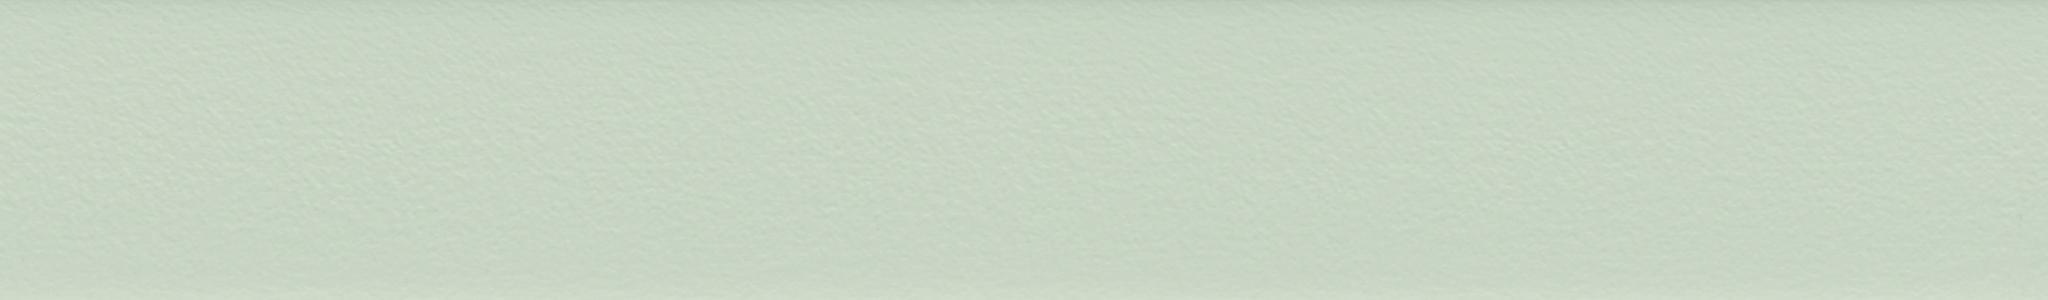 HU 160062 ABS hrana zelená perla jemná 107